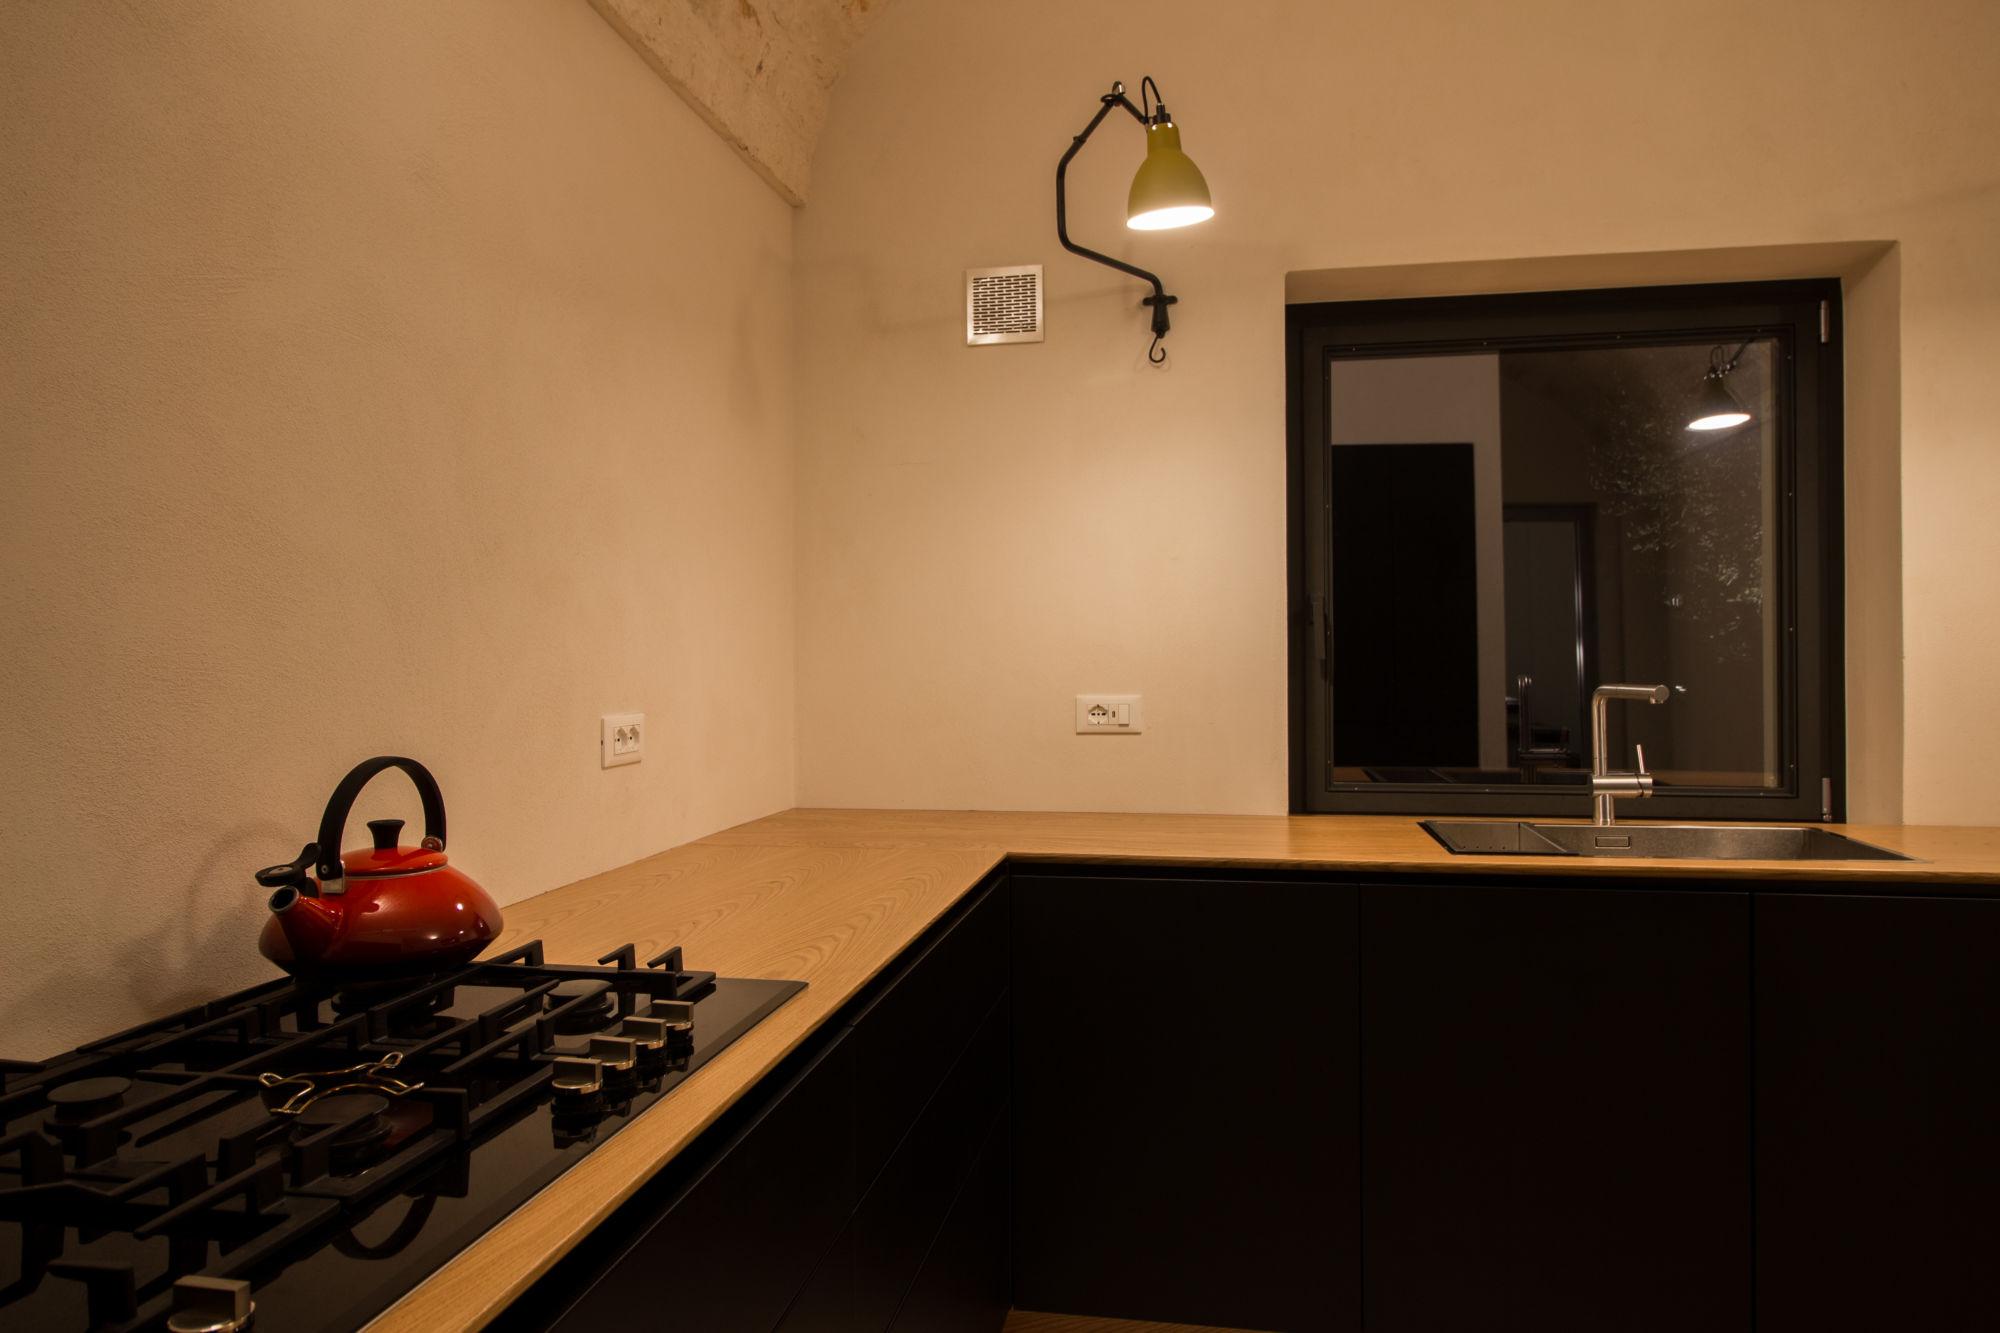 Cucina - Casa Peter